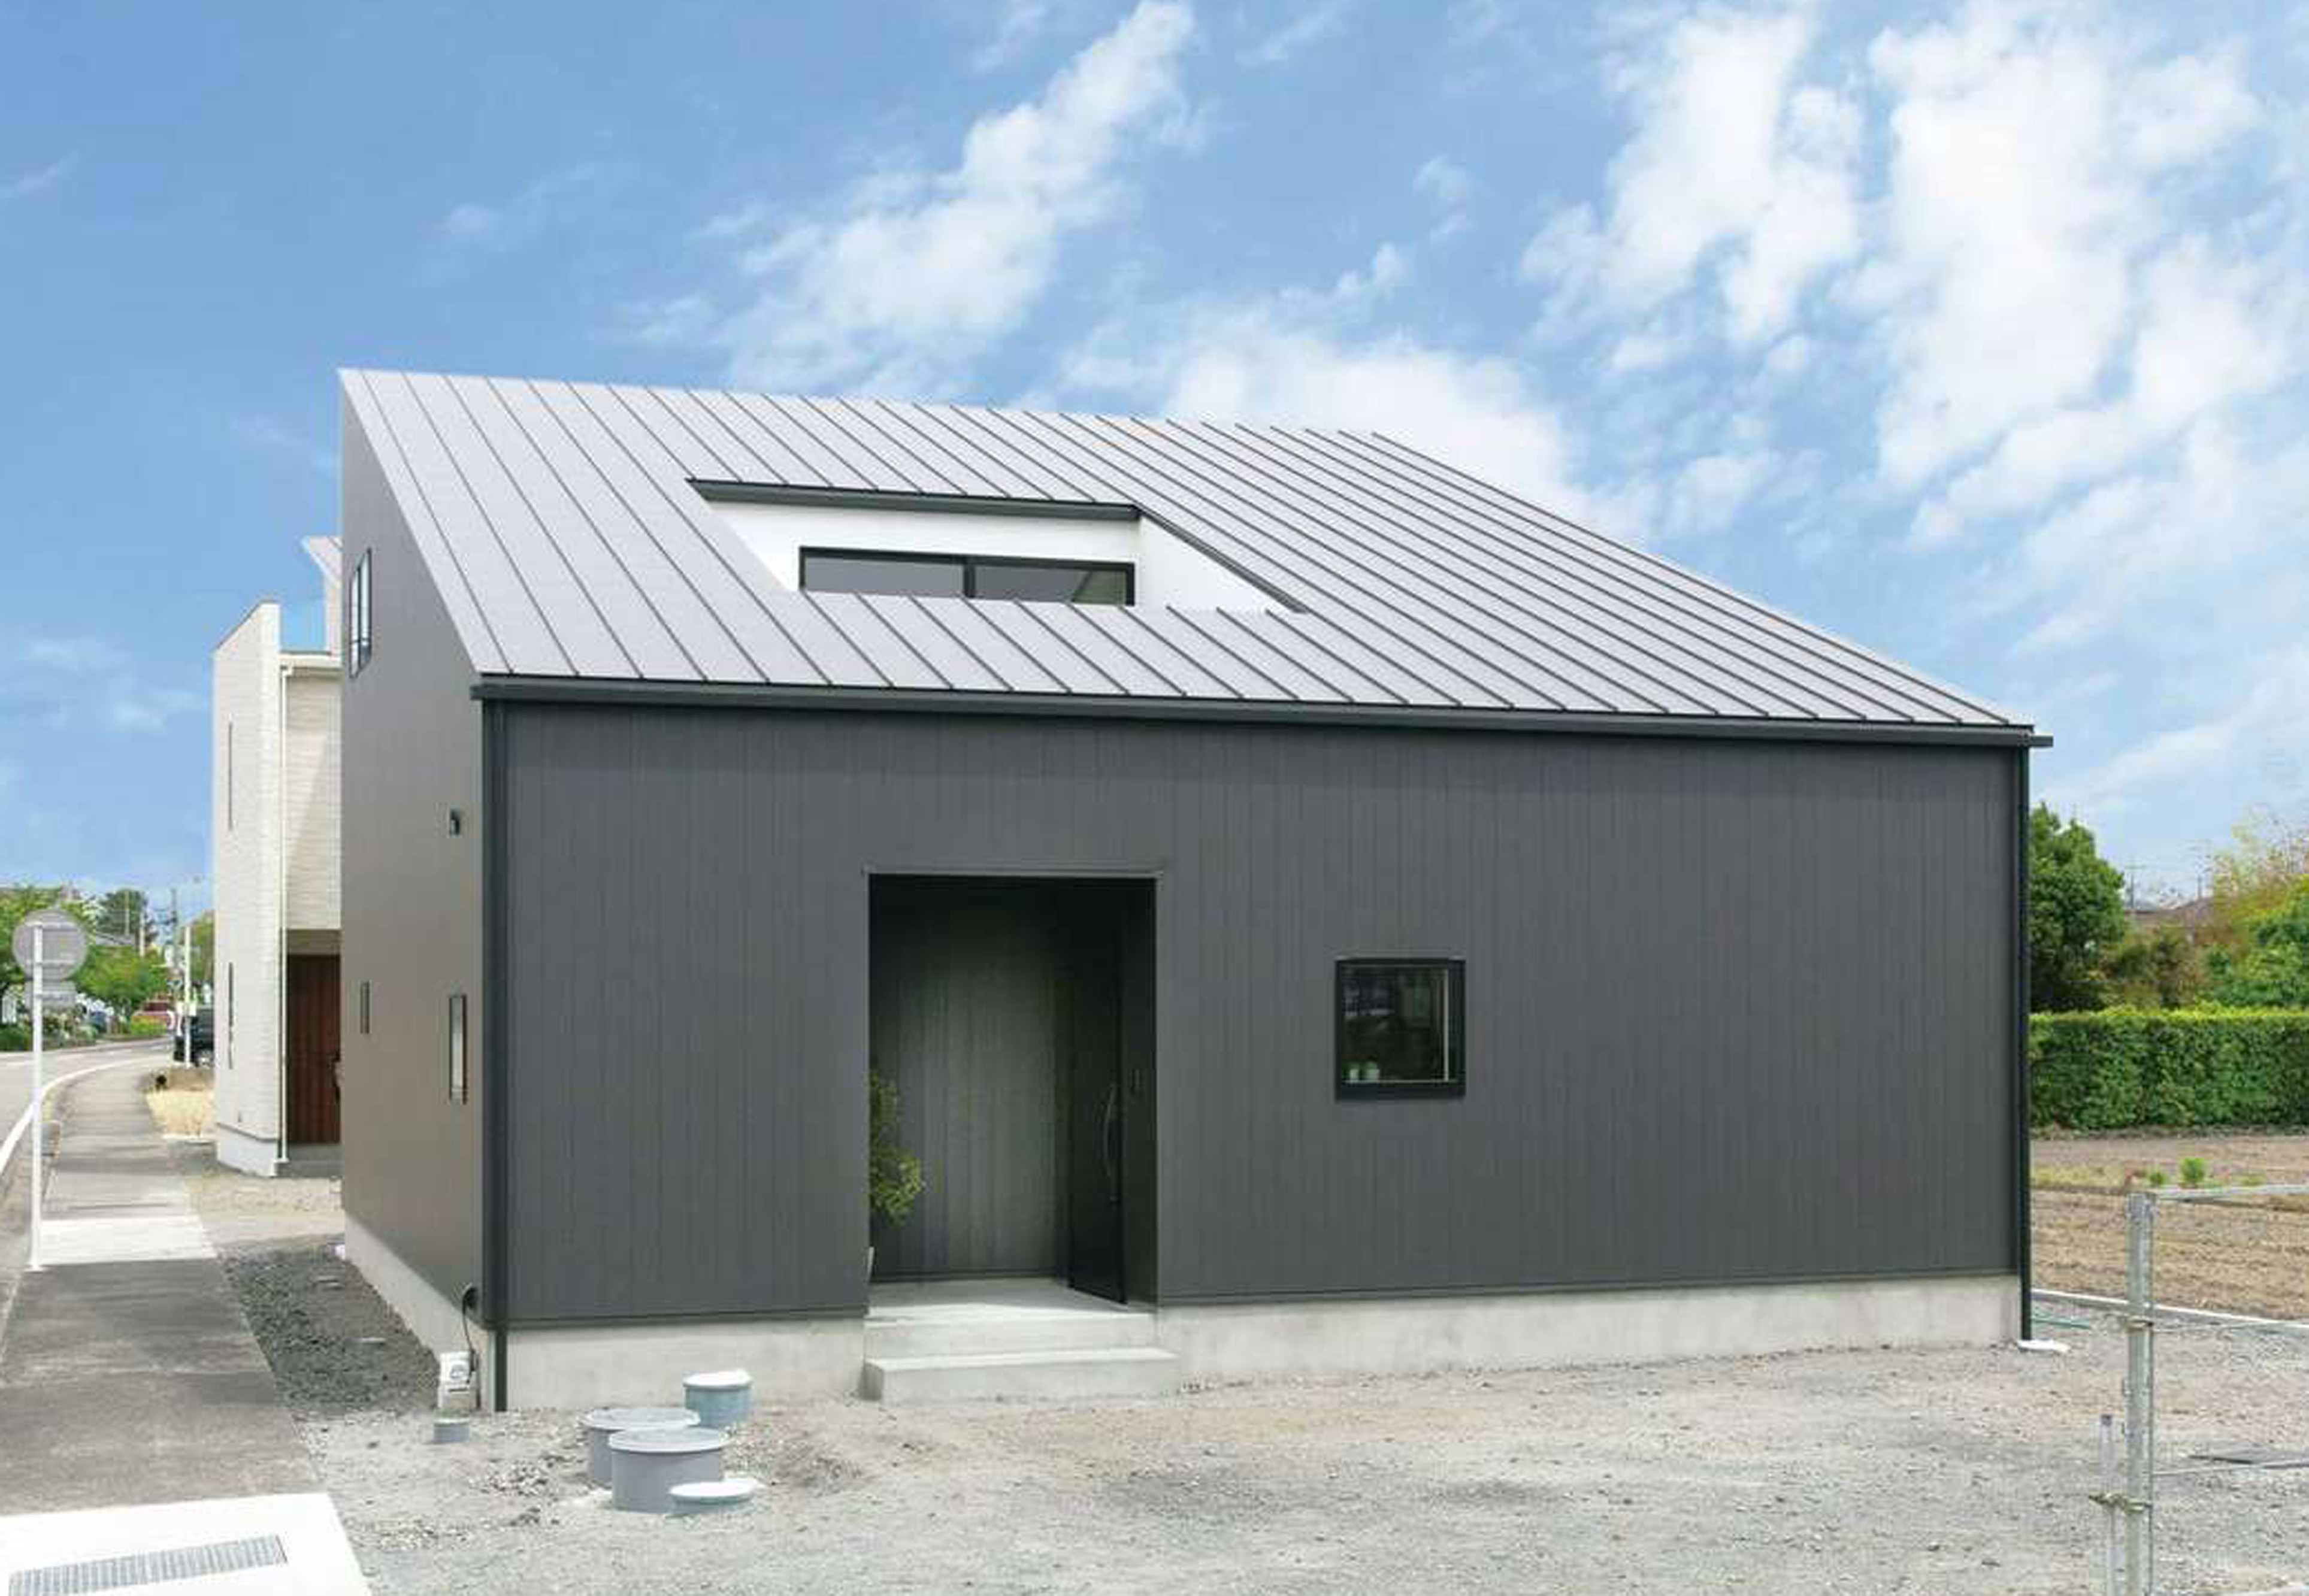 ソラマド静岡(オネストホーム)【子育て、デザイン住宅、間取り】黒いガルバリウム鋼板と大きな片流れ屋根のフォルムが目を引く外観